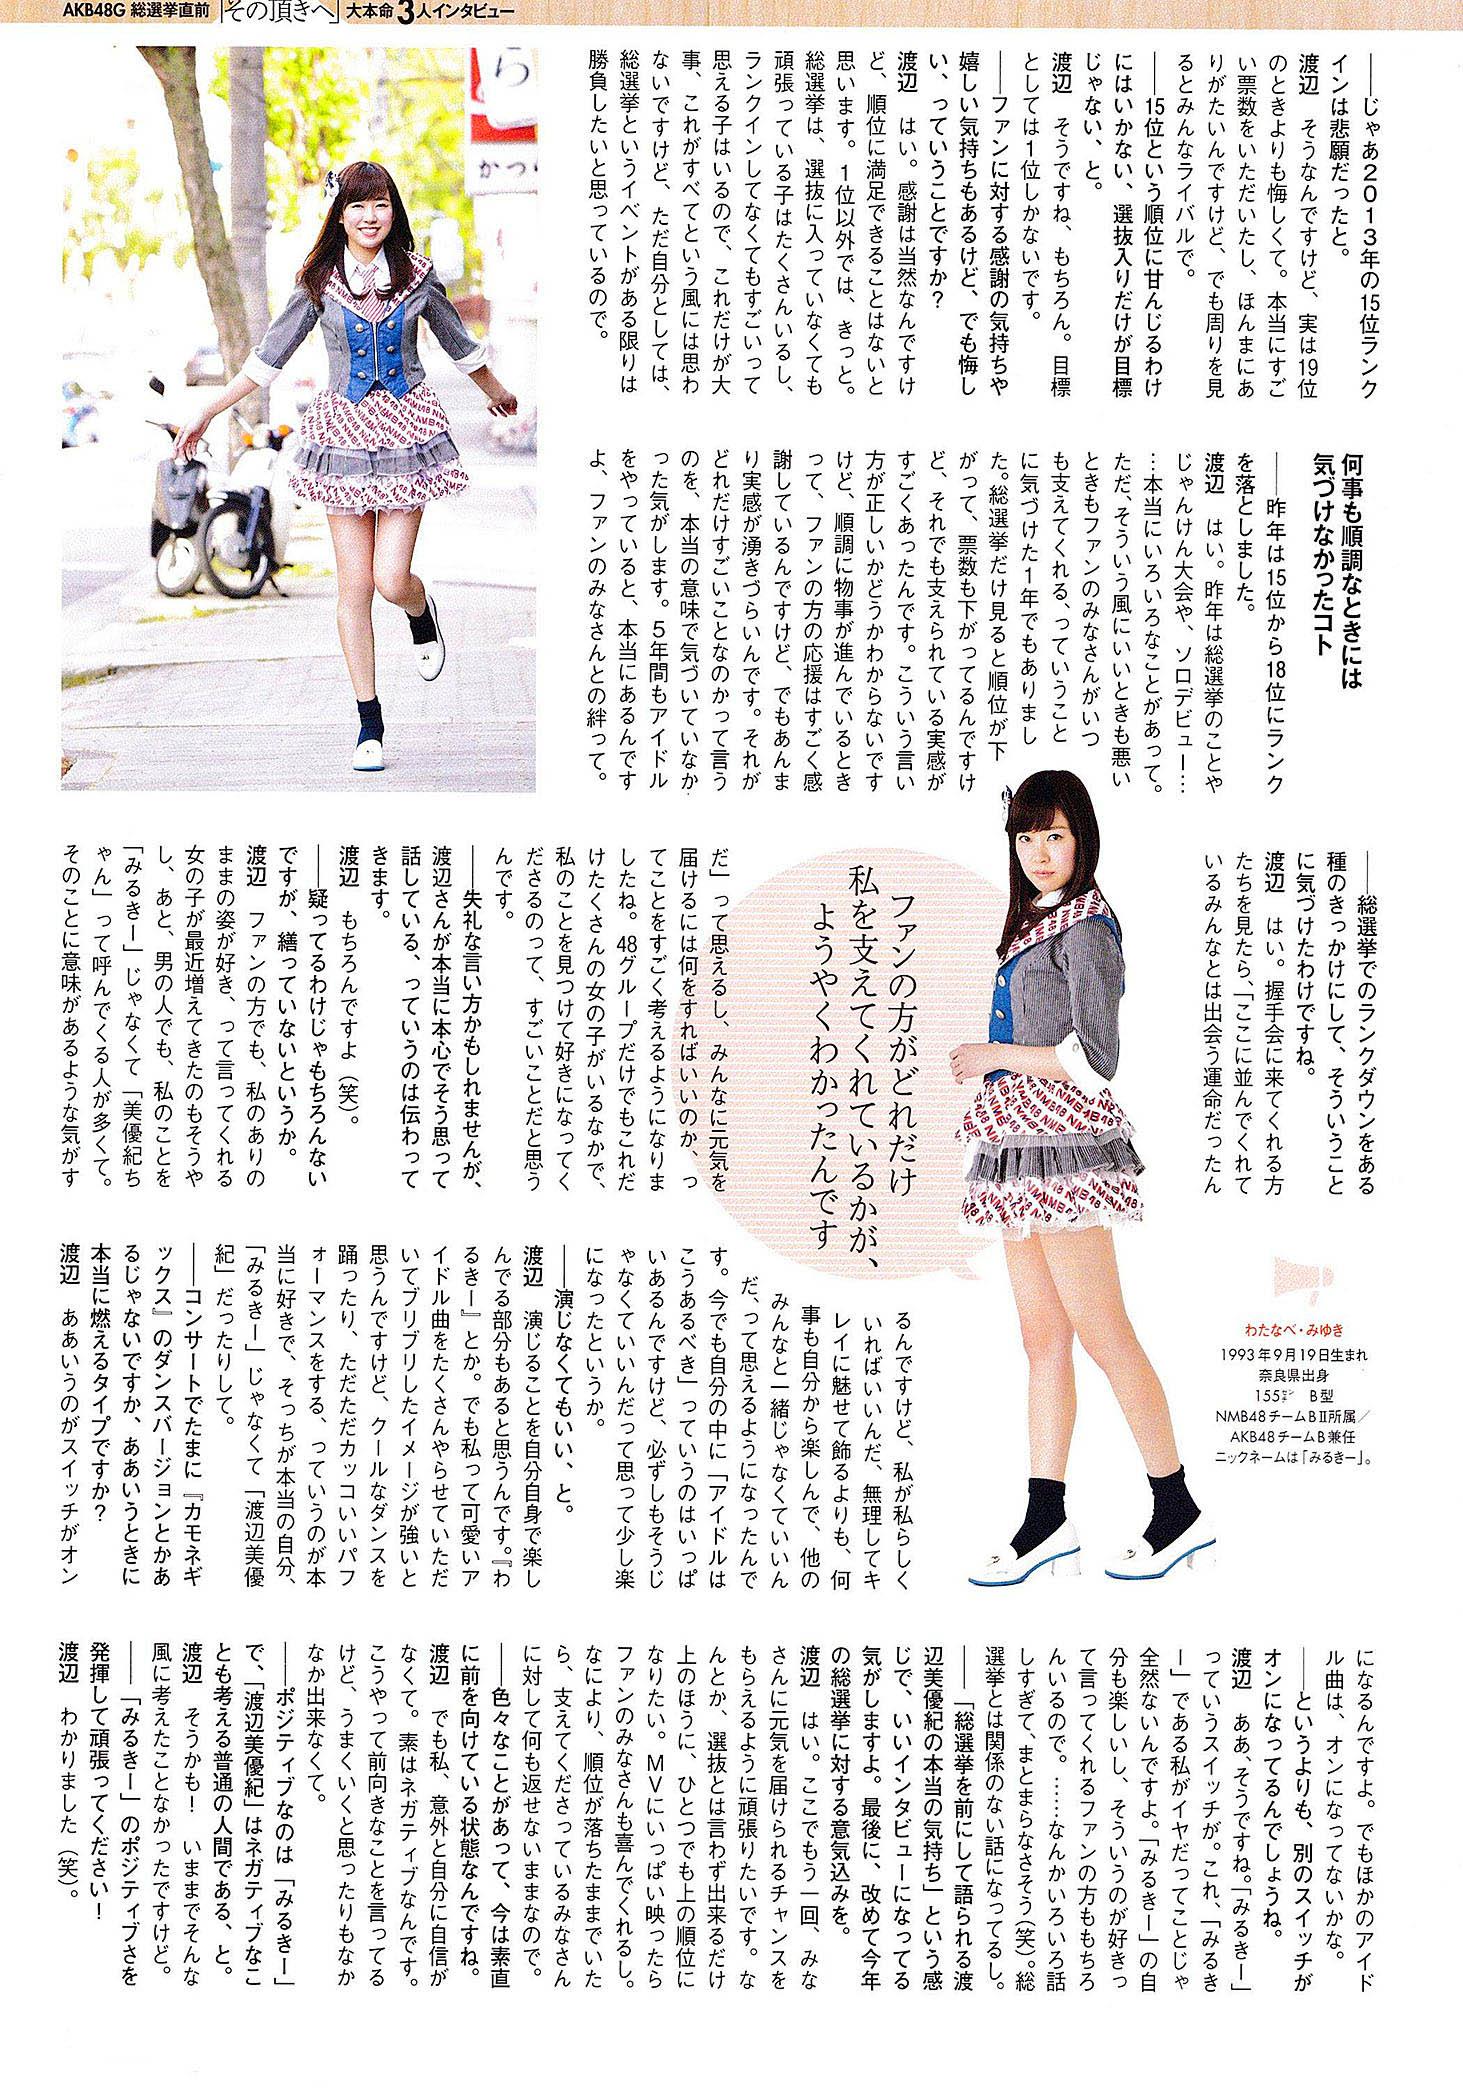 MiWatanabe EnTame 1507 02.jpg